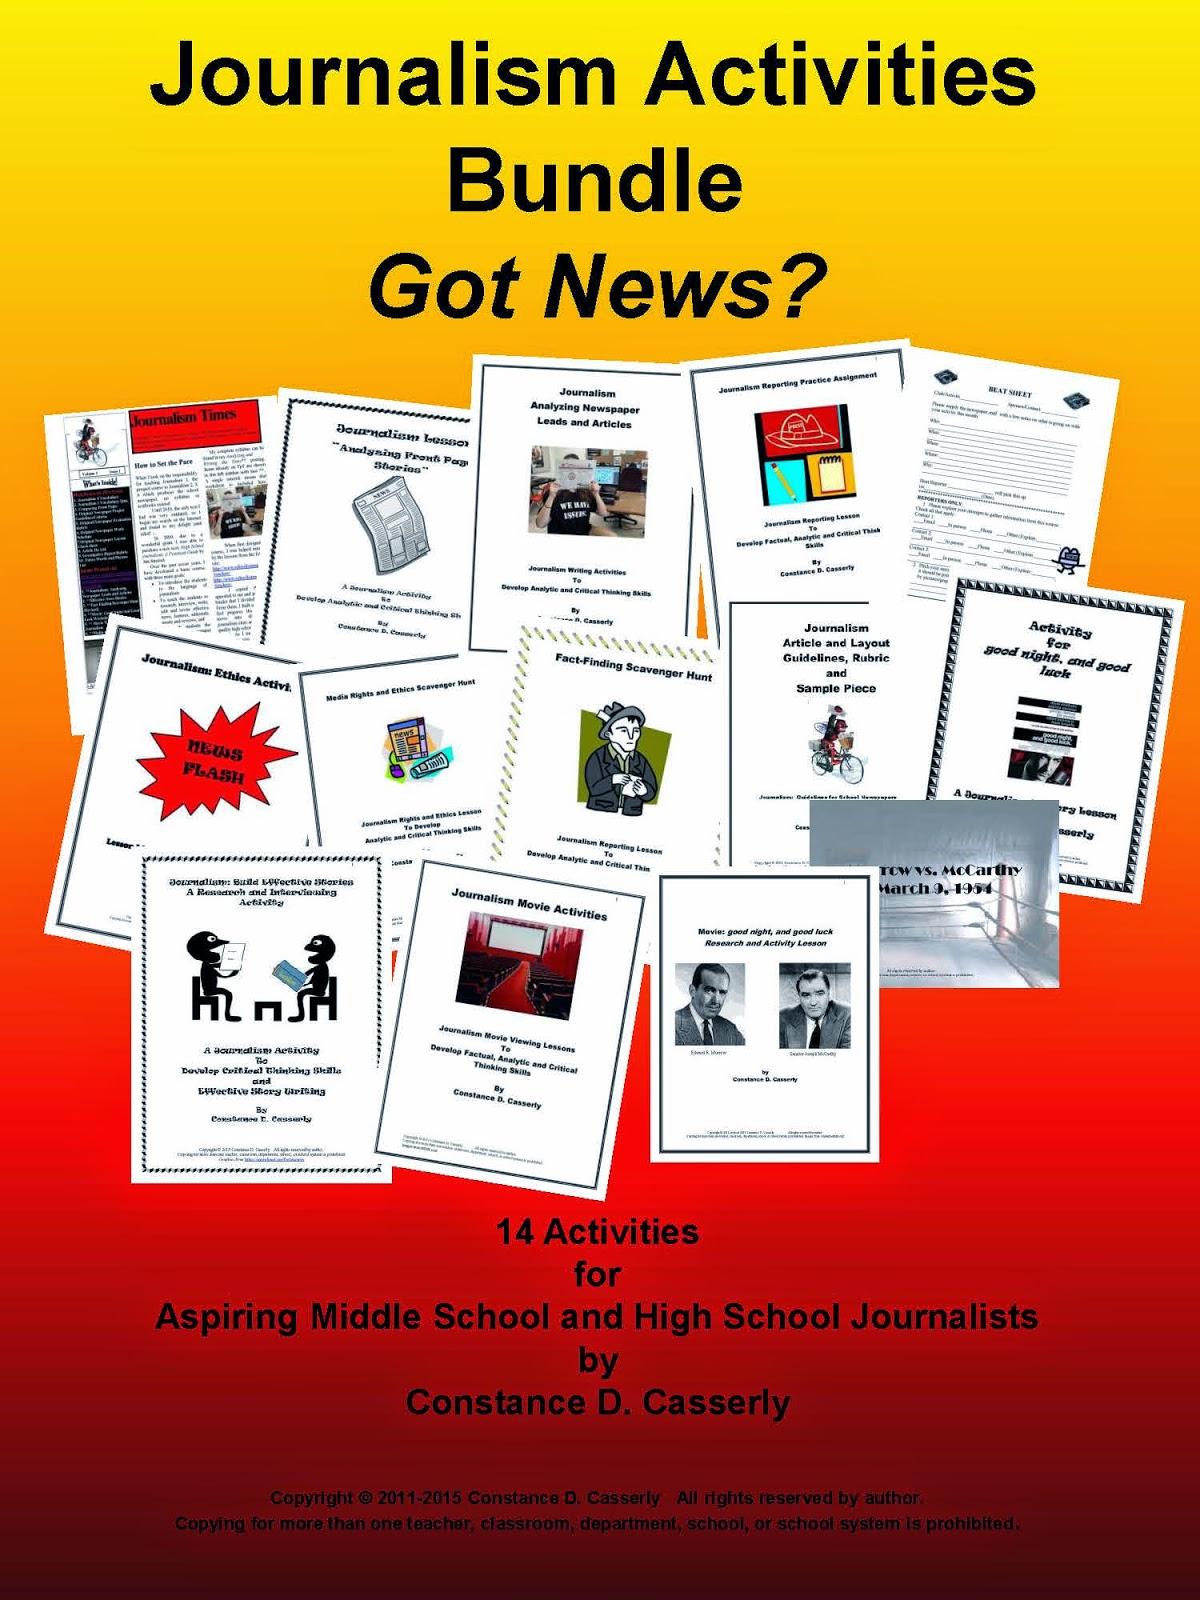 Journalism Activities Bundle cover